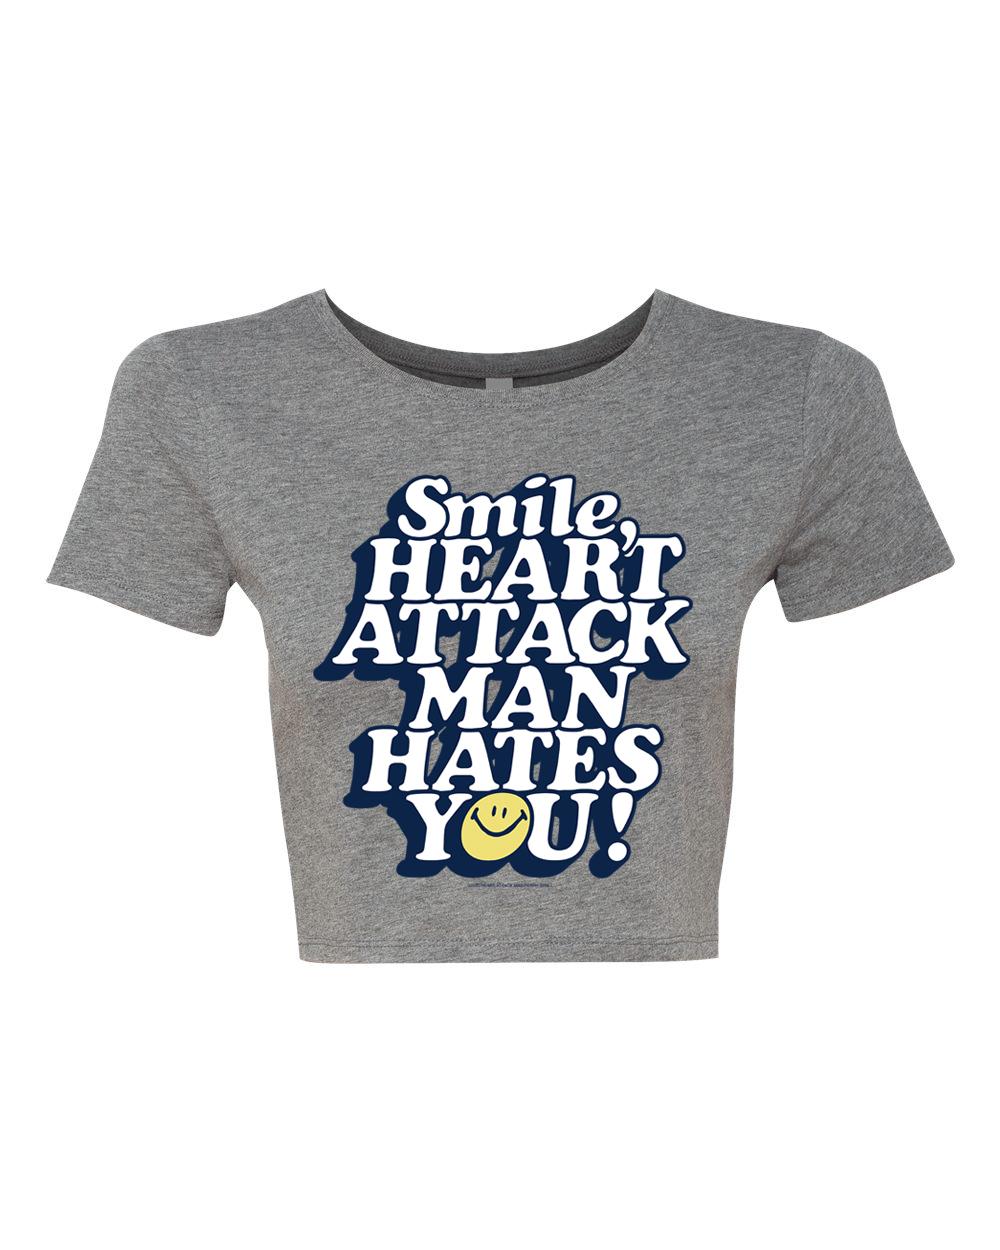 HATE - Gray Crop Top